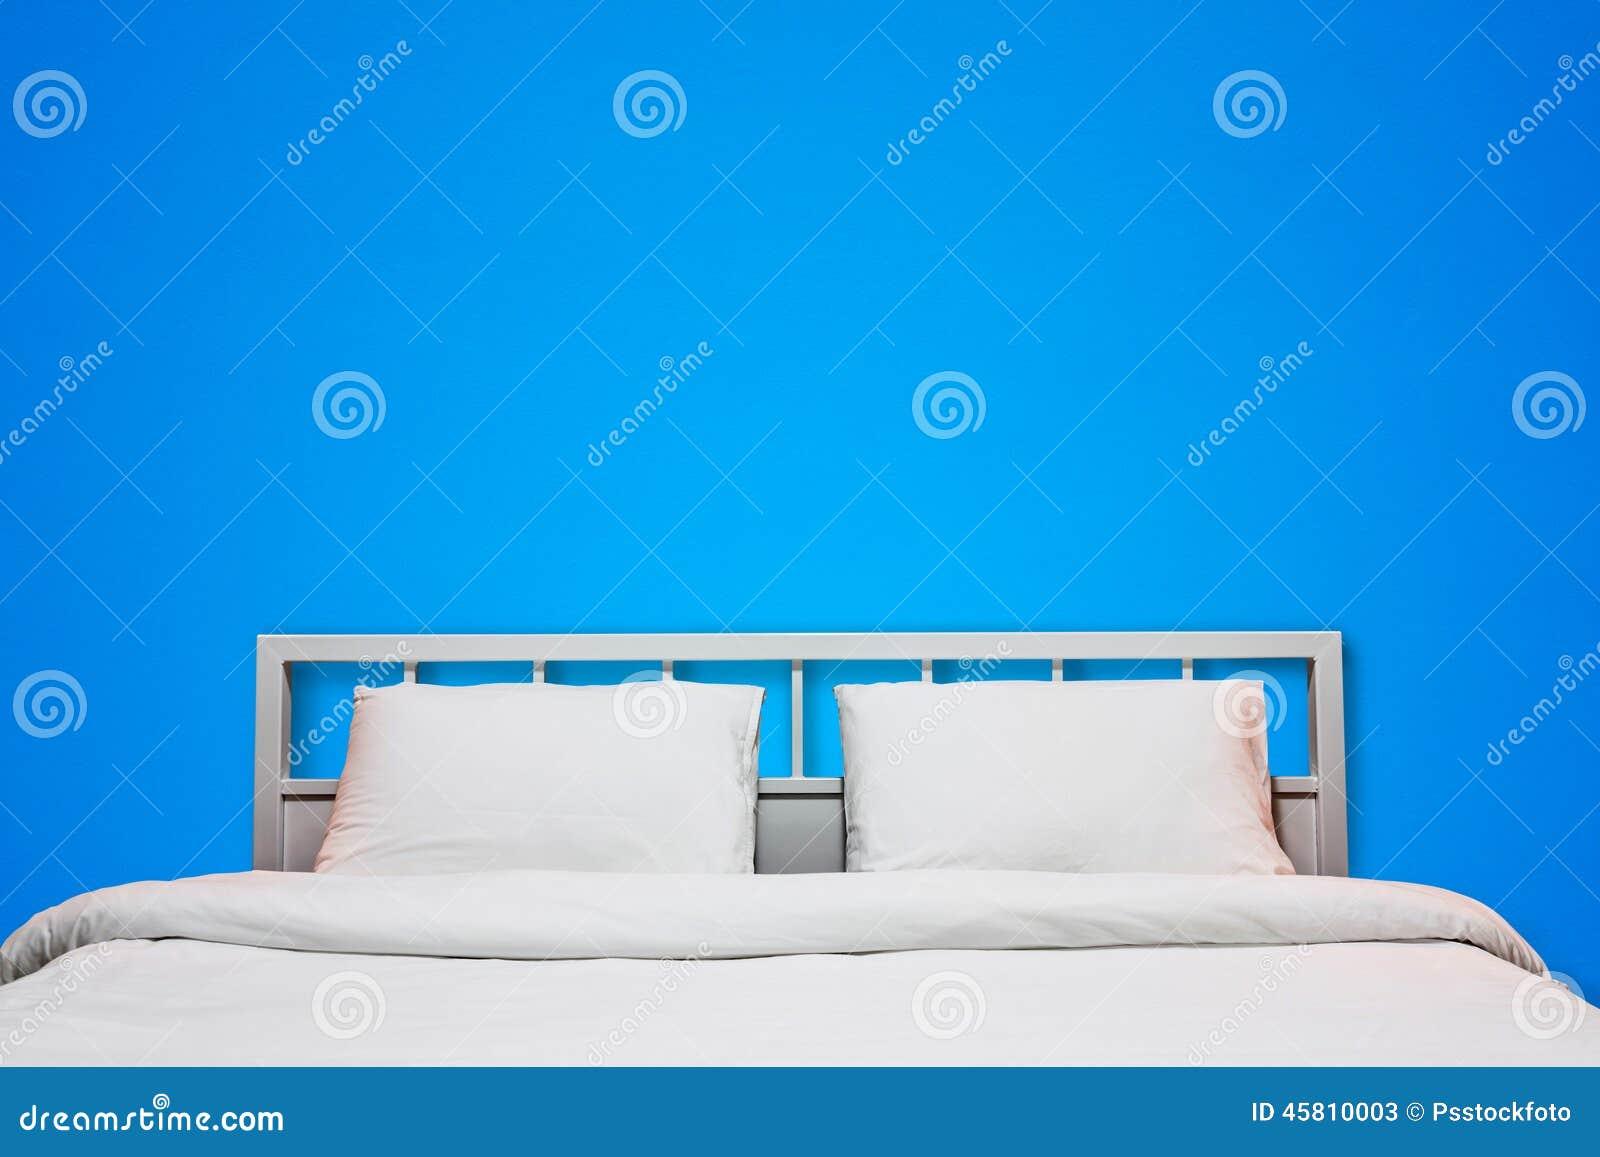 Camera da letto blu immagine stock immagine di base - Parete blu camera da letto ...